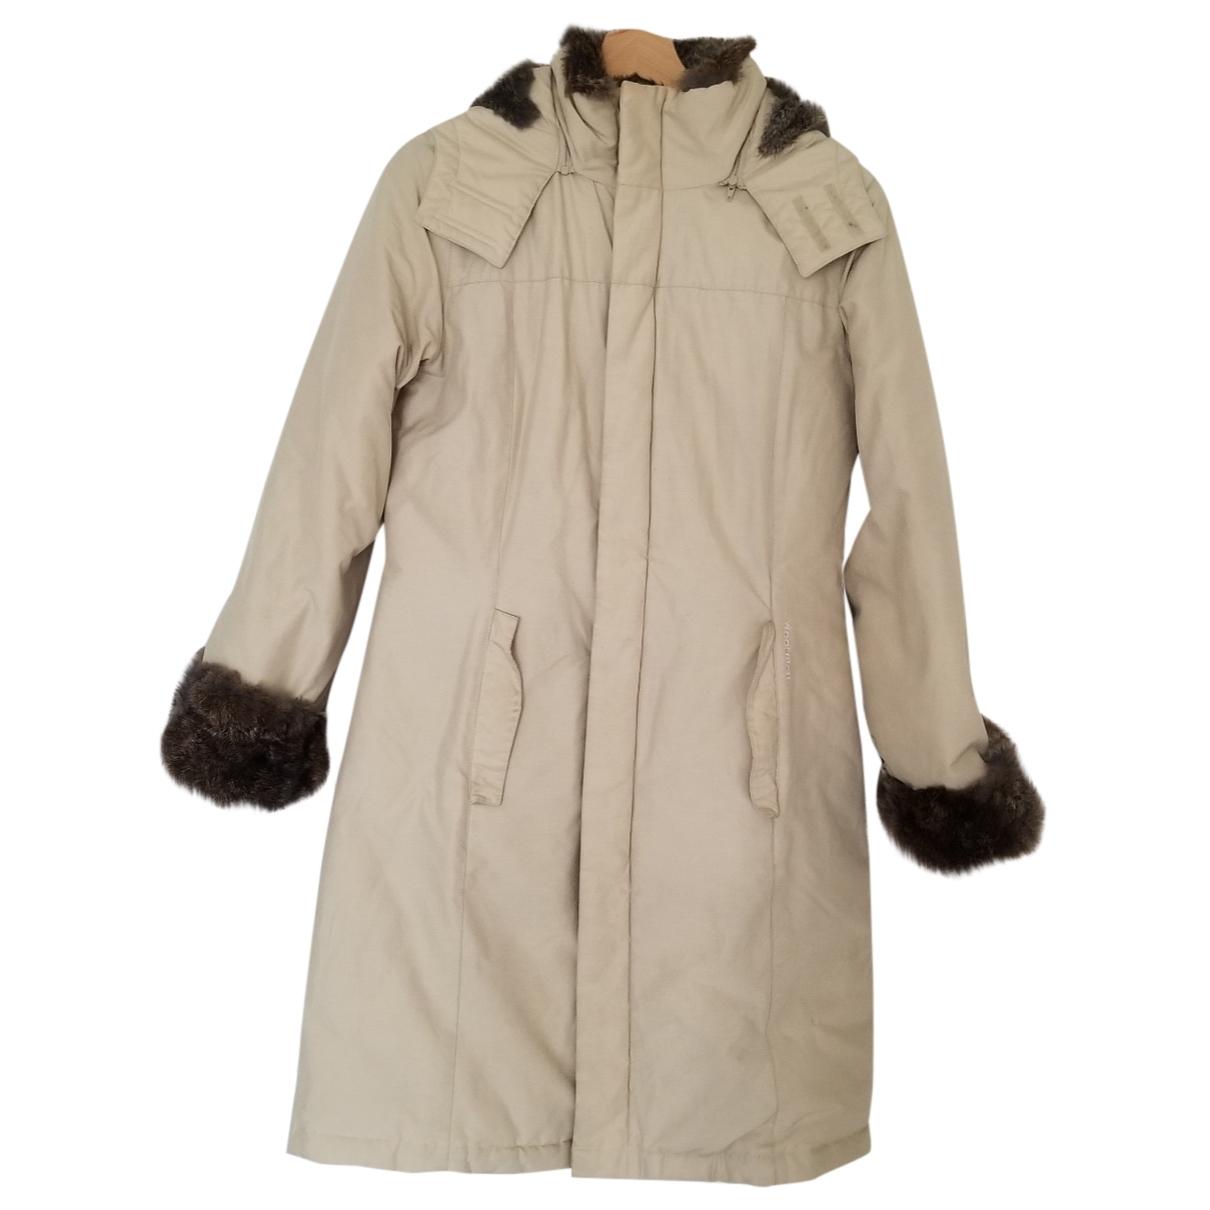 Woolrich \N Beige Cotton coat for Women 36 FR